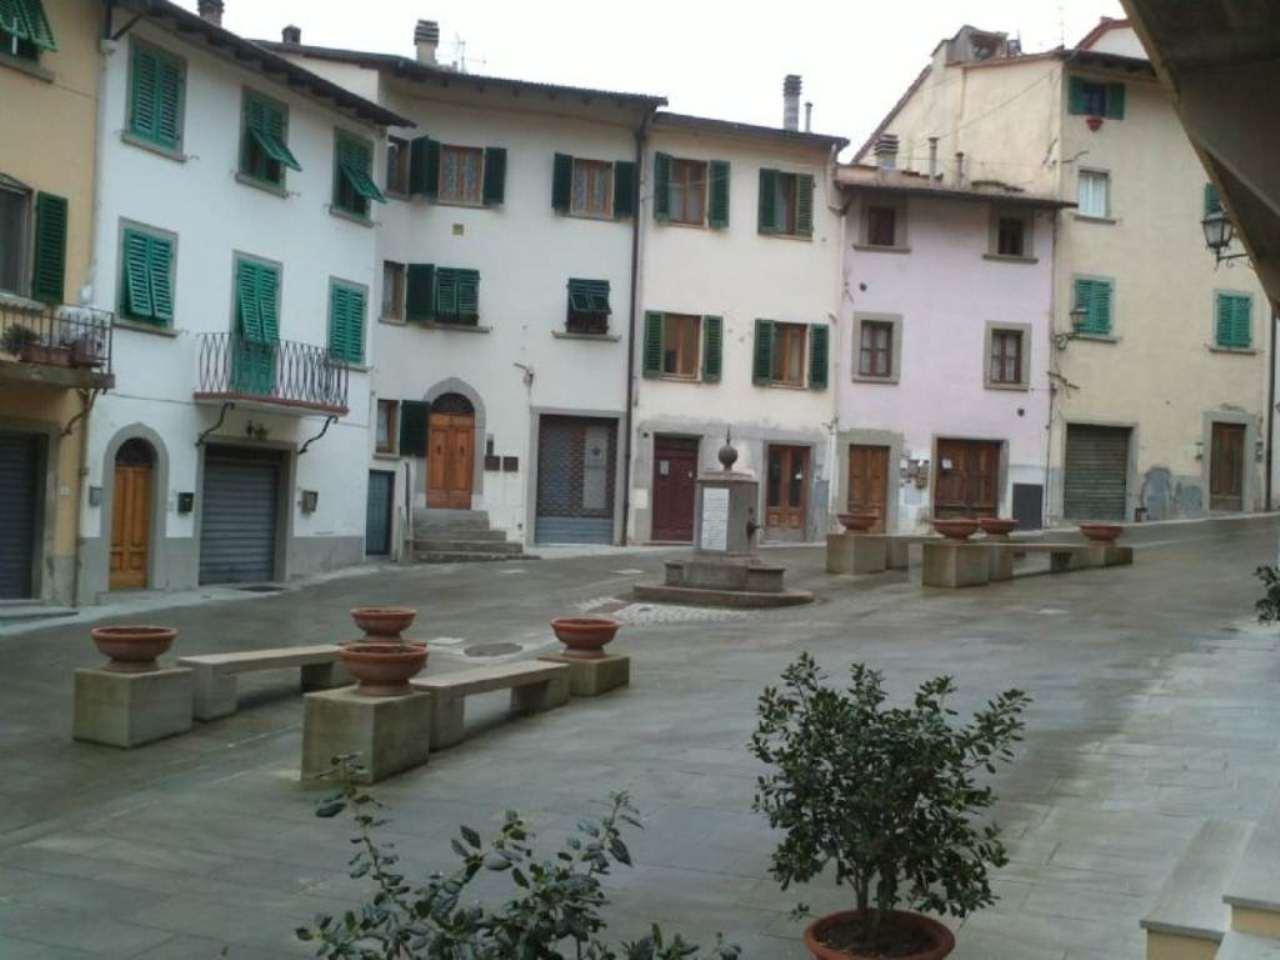 Appartamento in vendita a Londa, 2 locali, prezzo € 35.000 | Cambio Casa.it